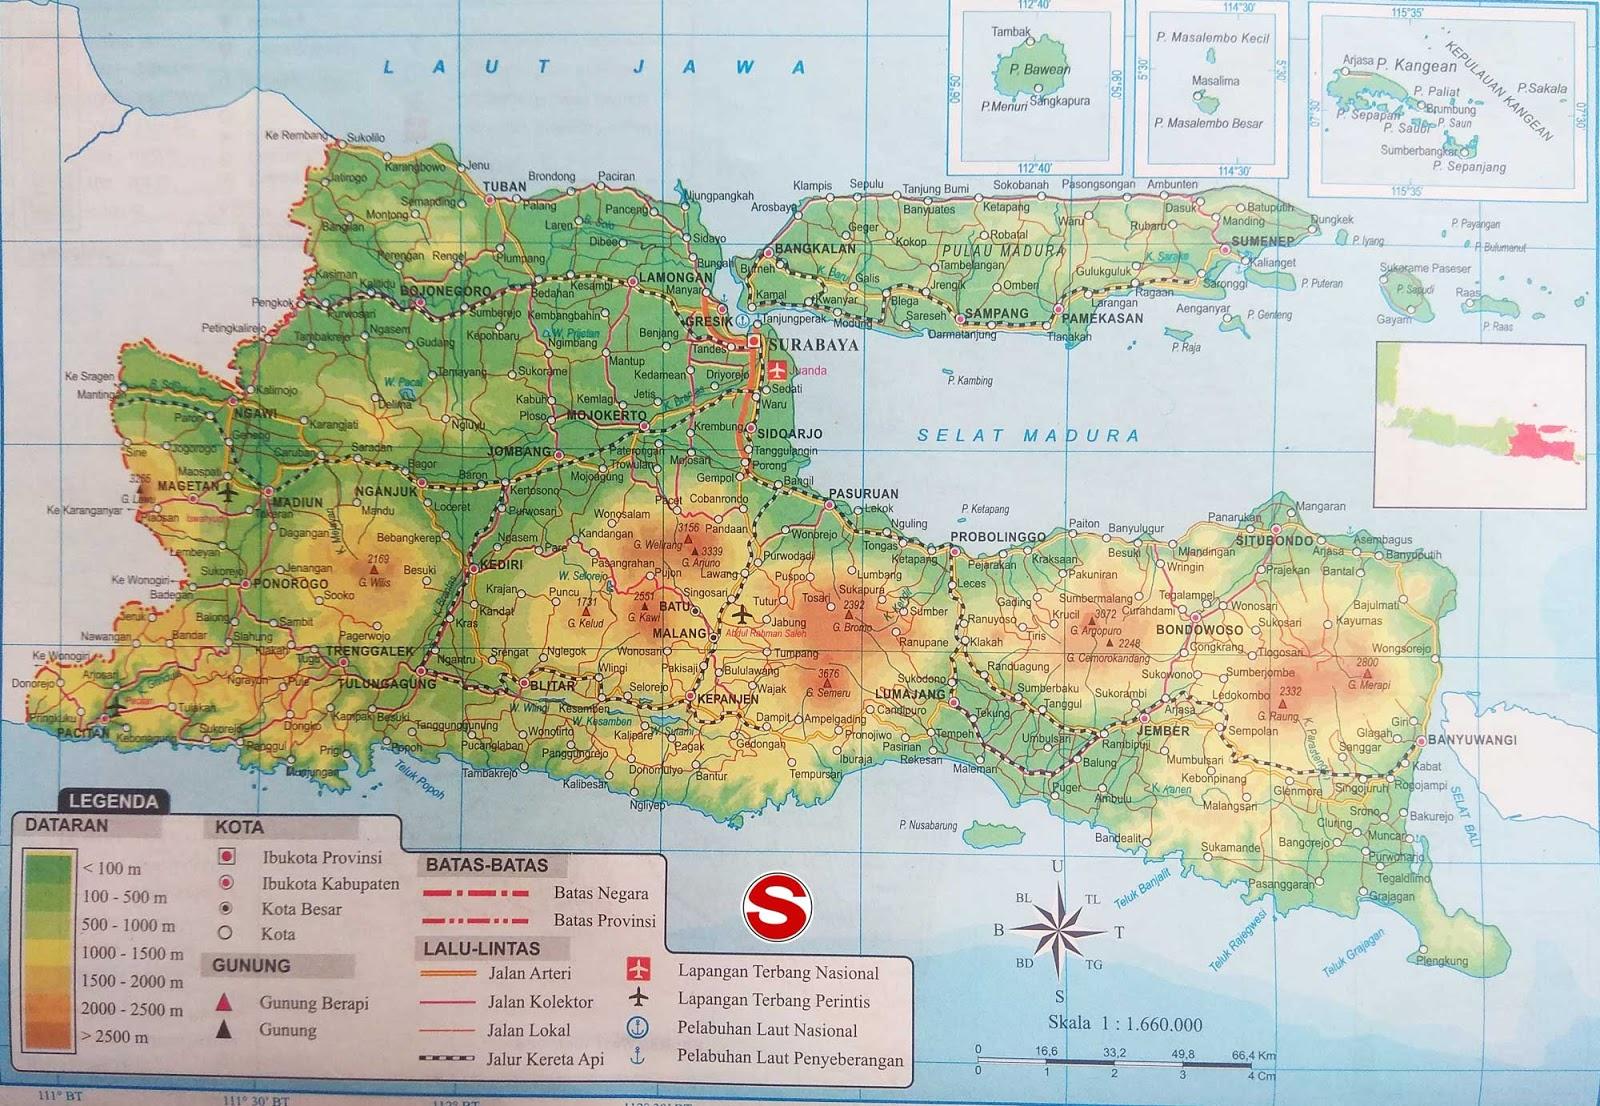 Peta Atlas Provinsi Jawa Timur di bawah ini mencakup peta dataran Peta Atlas Provinsi Jawa Timur